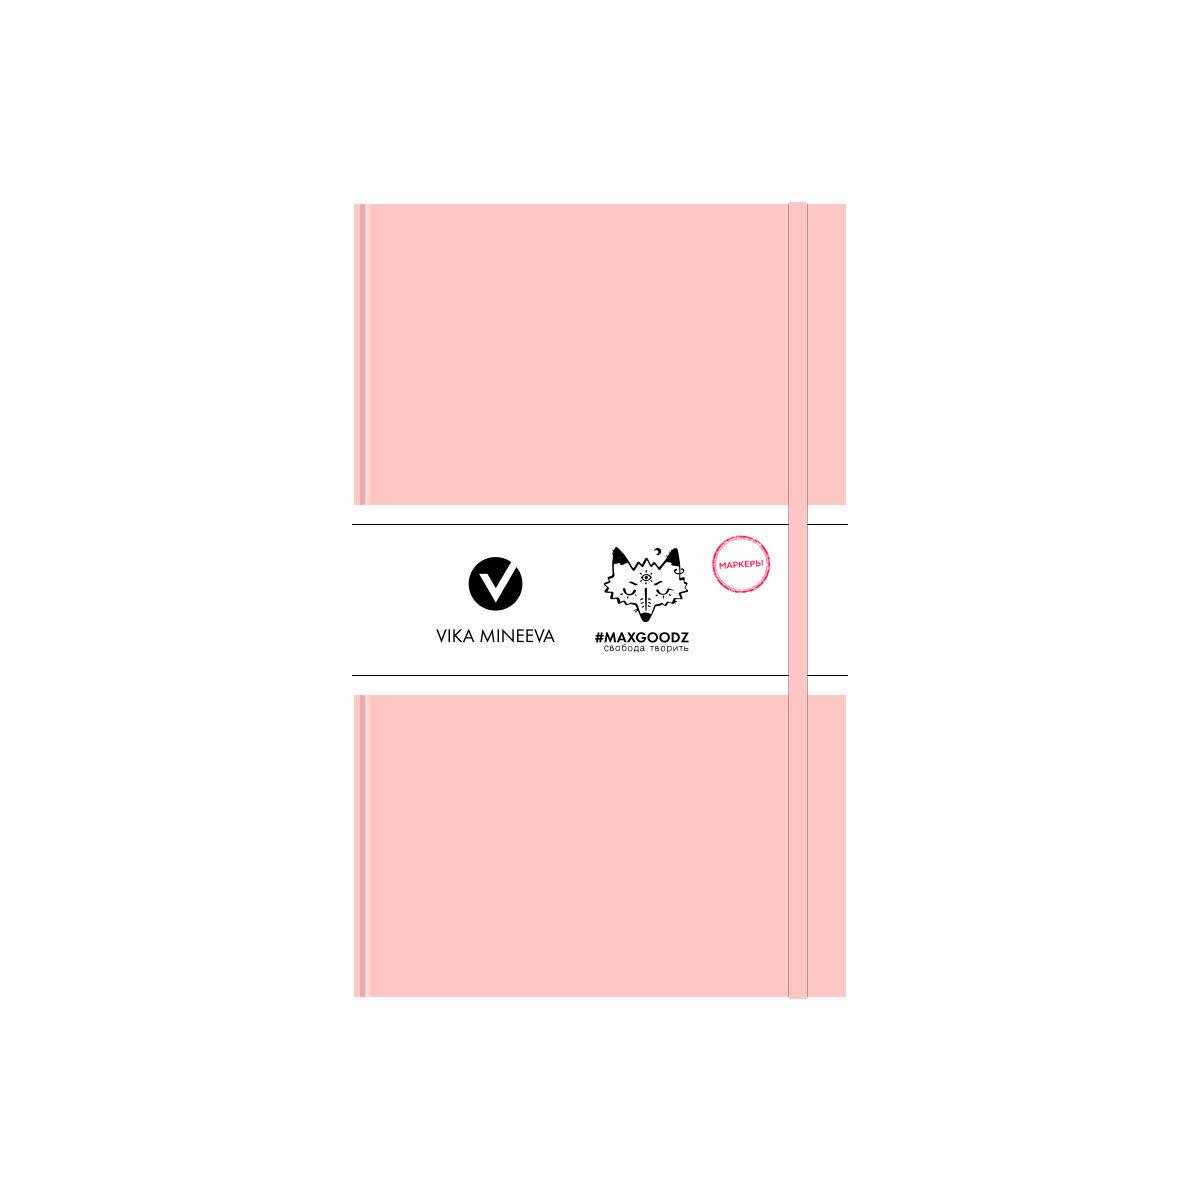 Купить Скетчбук для маркеров в твёрдом переплёте Maxgoodz Heavy White А5, 96 л, 160 г Нежно-розовый, Россия